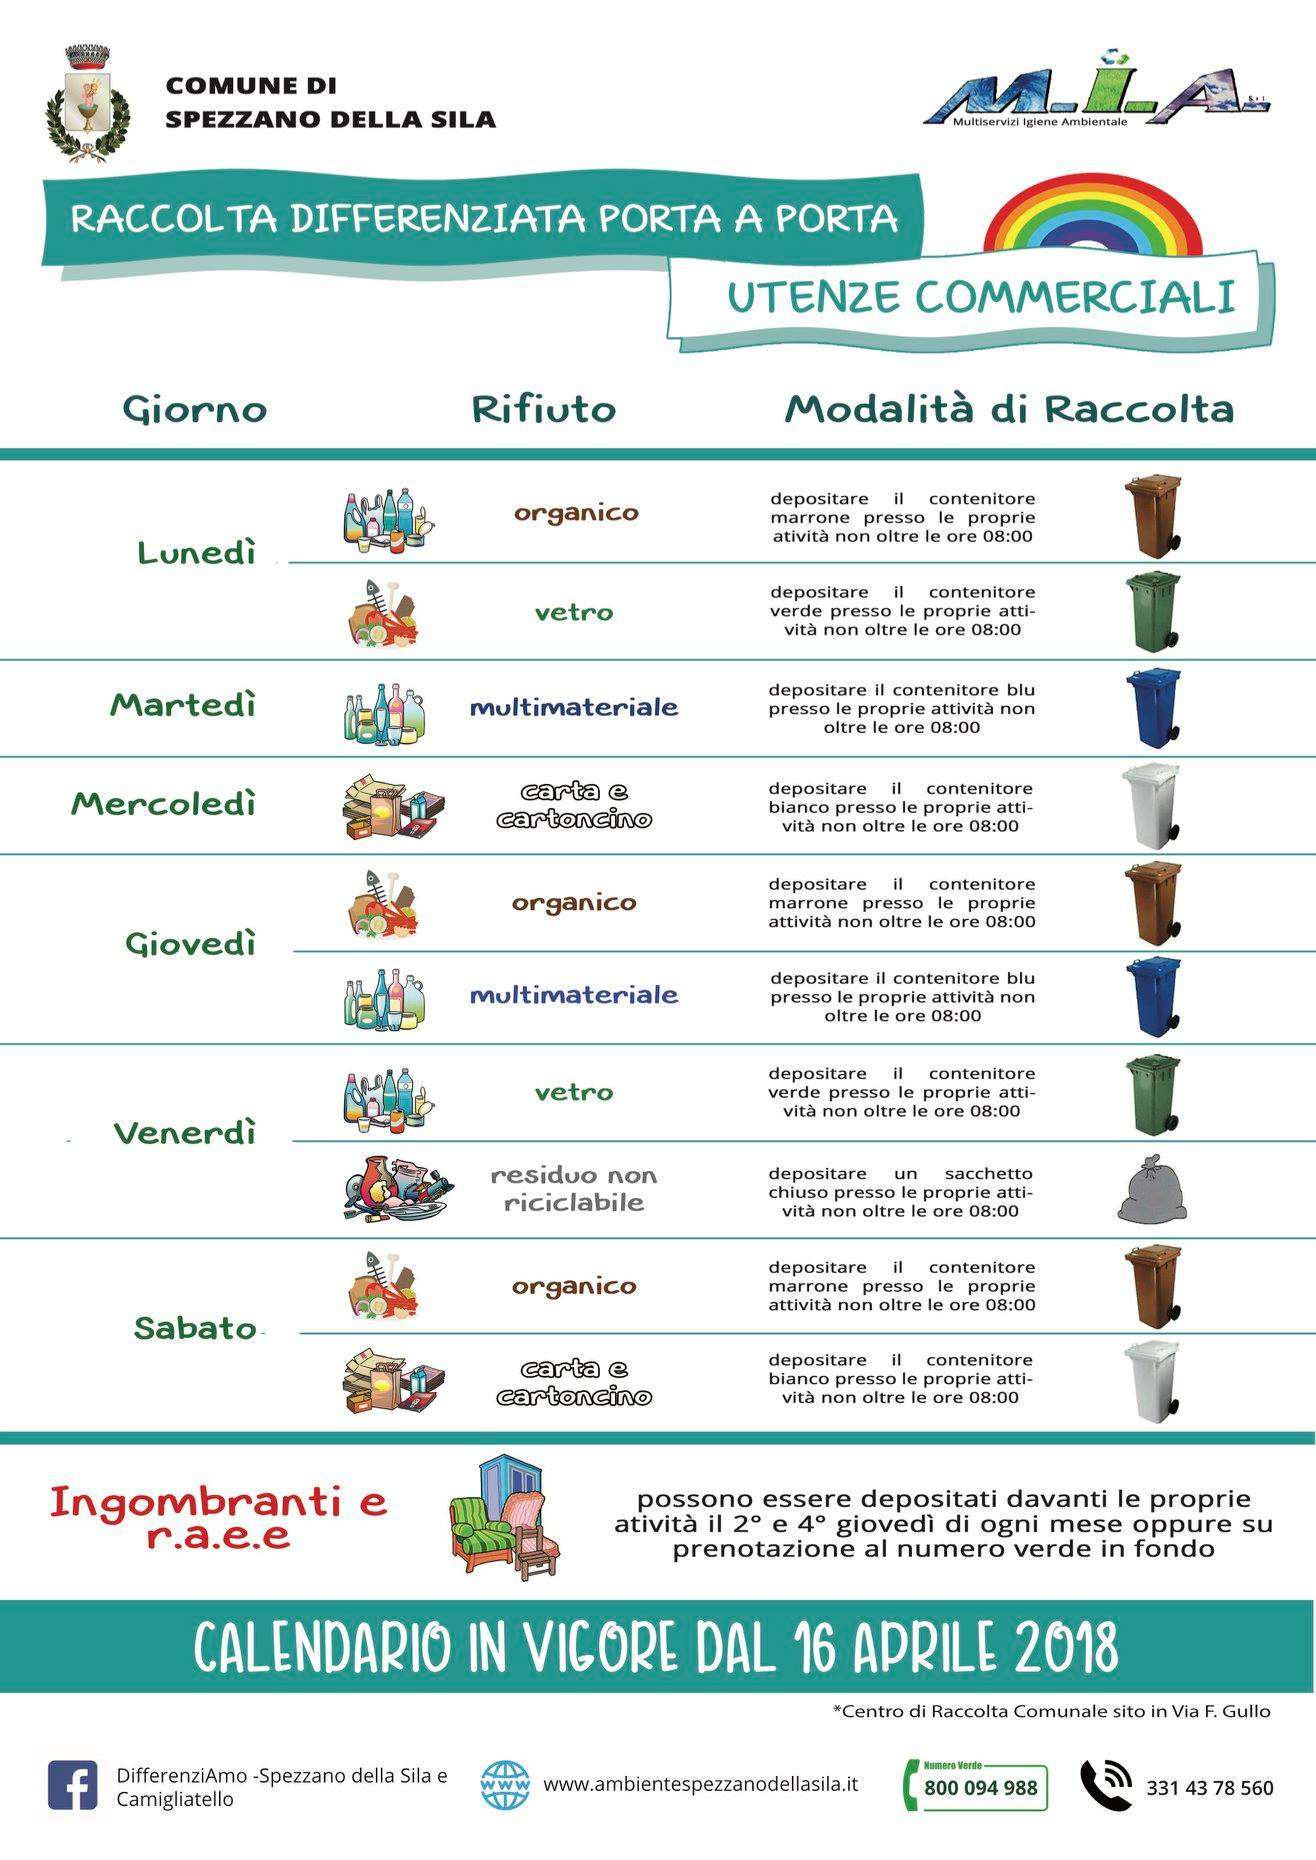 Raccolta Differenziata Cosenza Calendario 2019.Raccolta Differenziata Dei Rifiuti Comune Di Spezzano